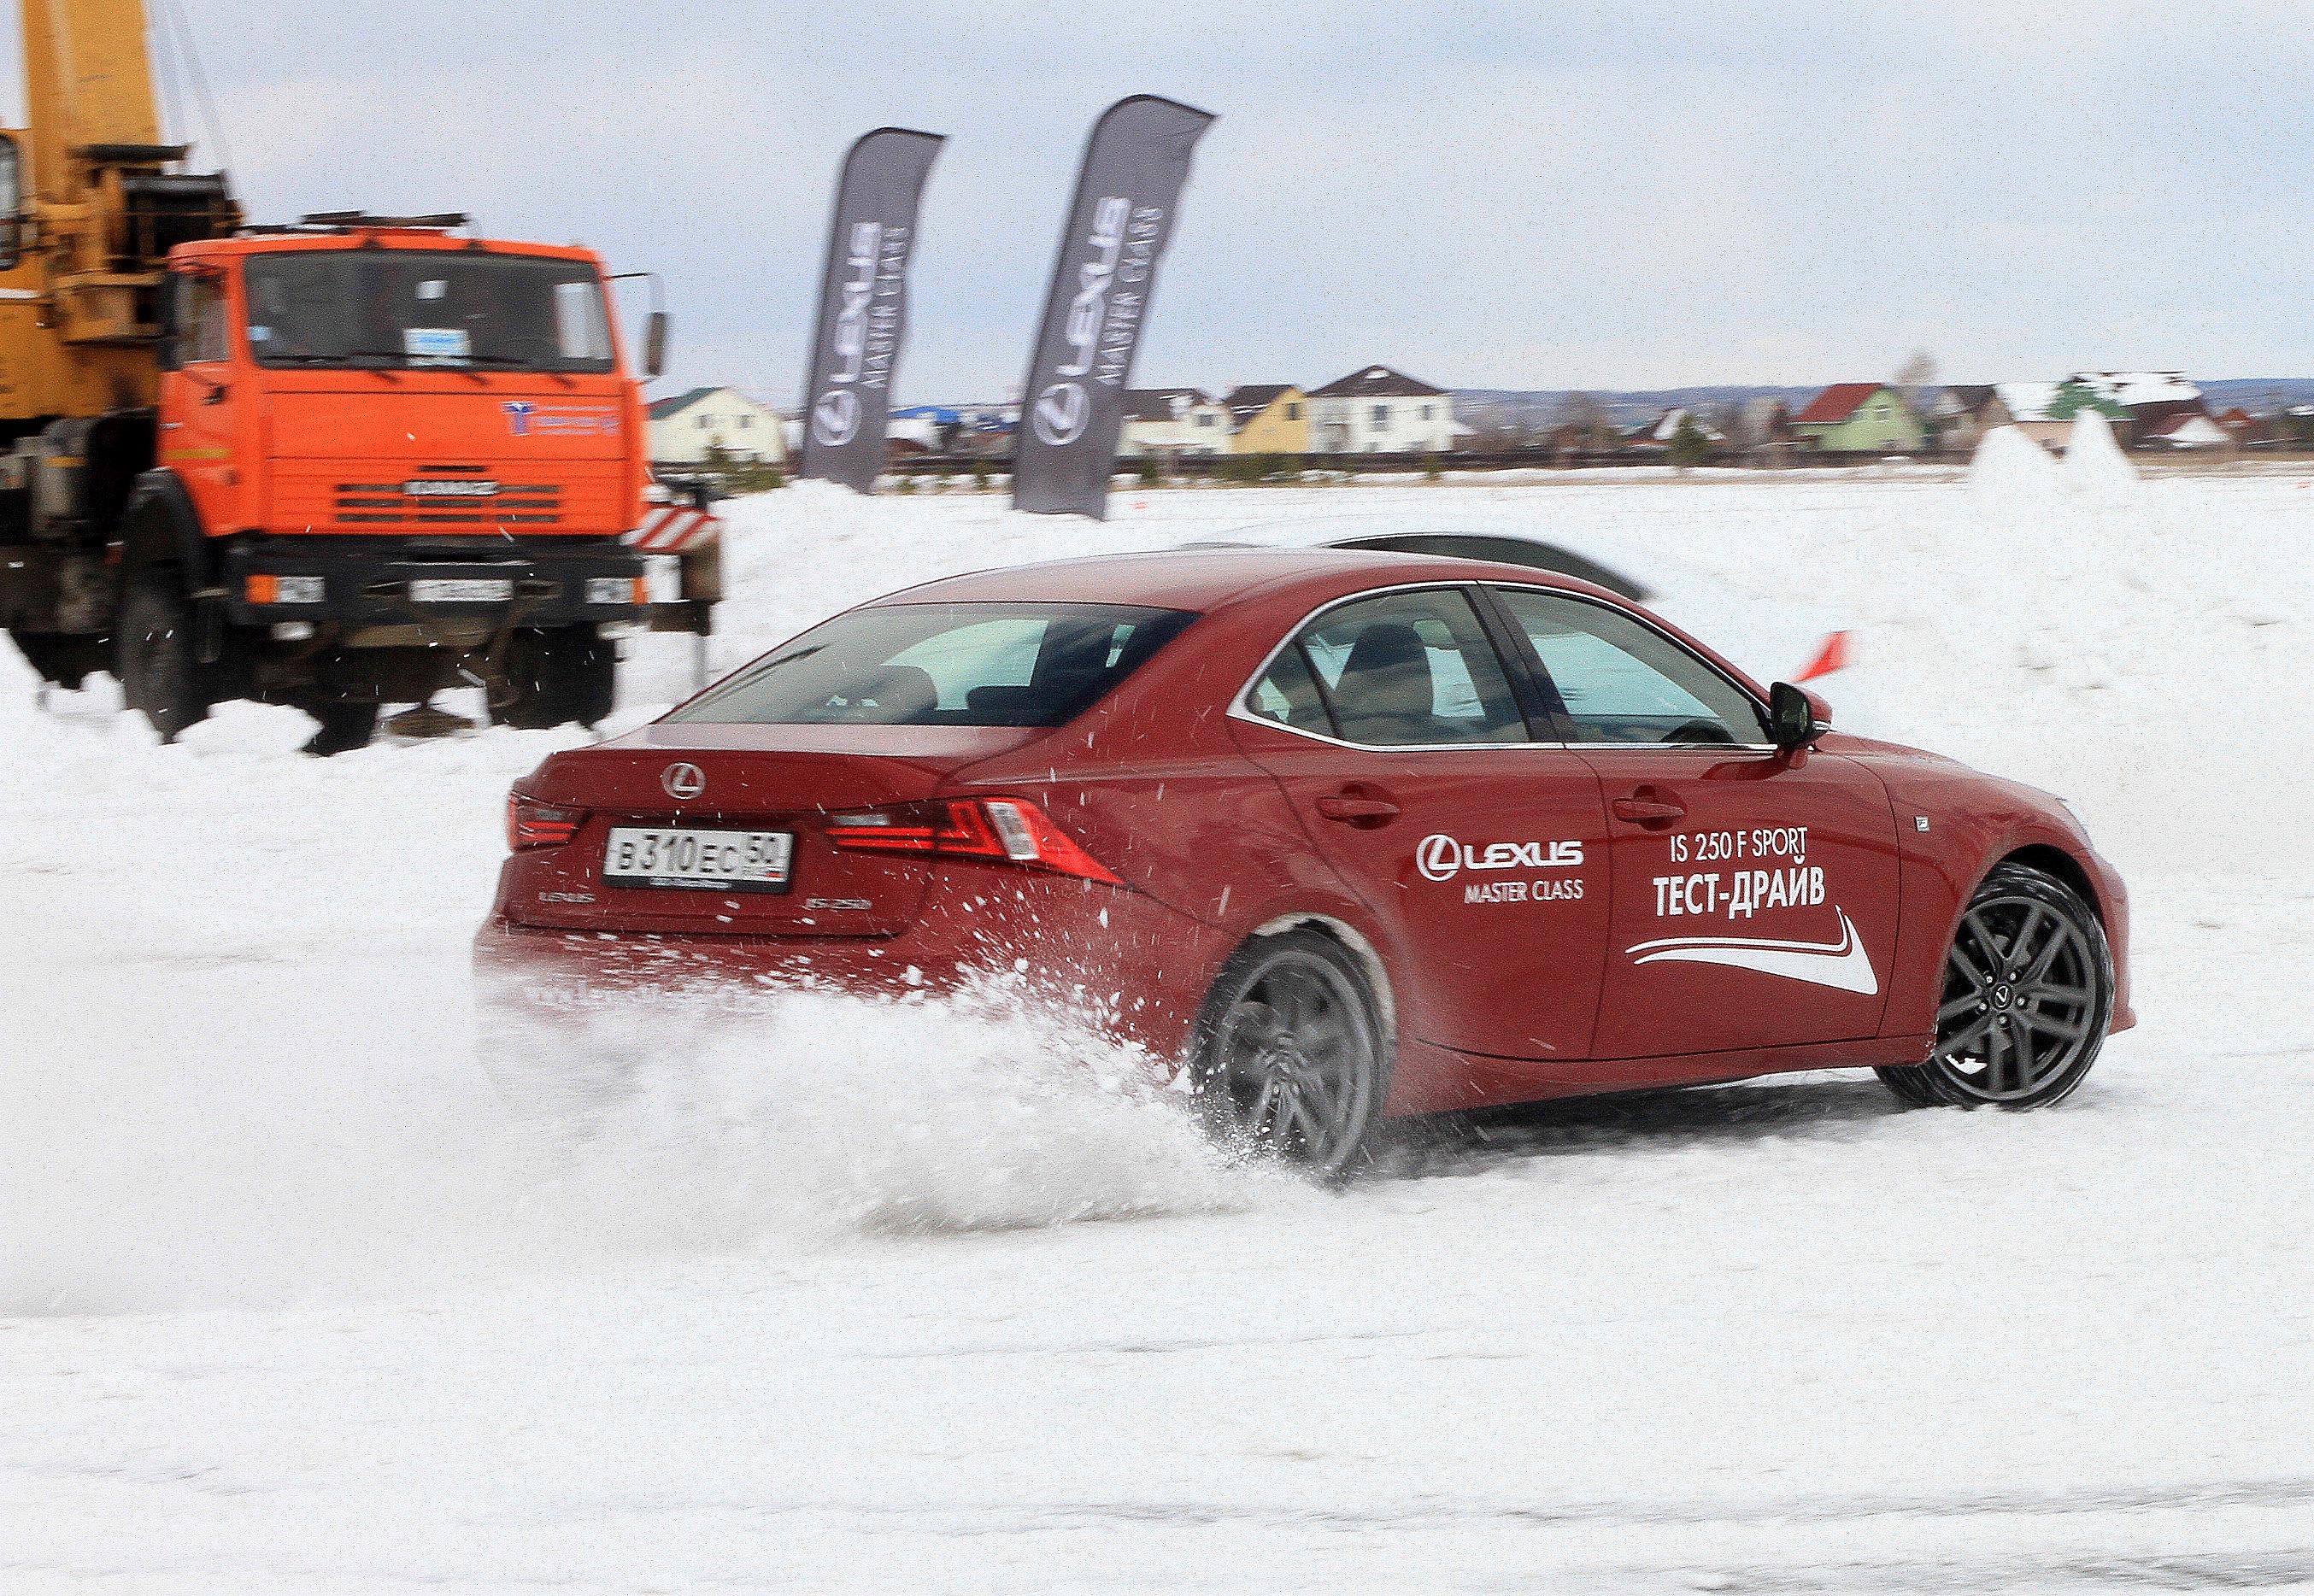 Вышло боком: мастер-класс Lexus превратился в дрифт-семинар